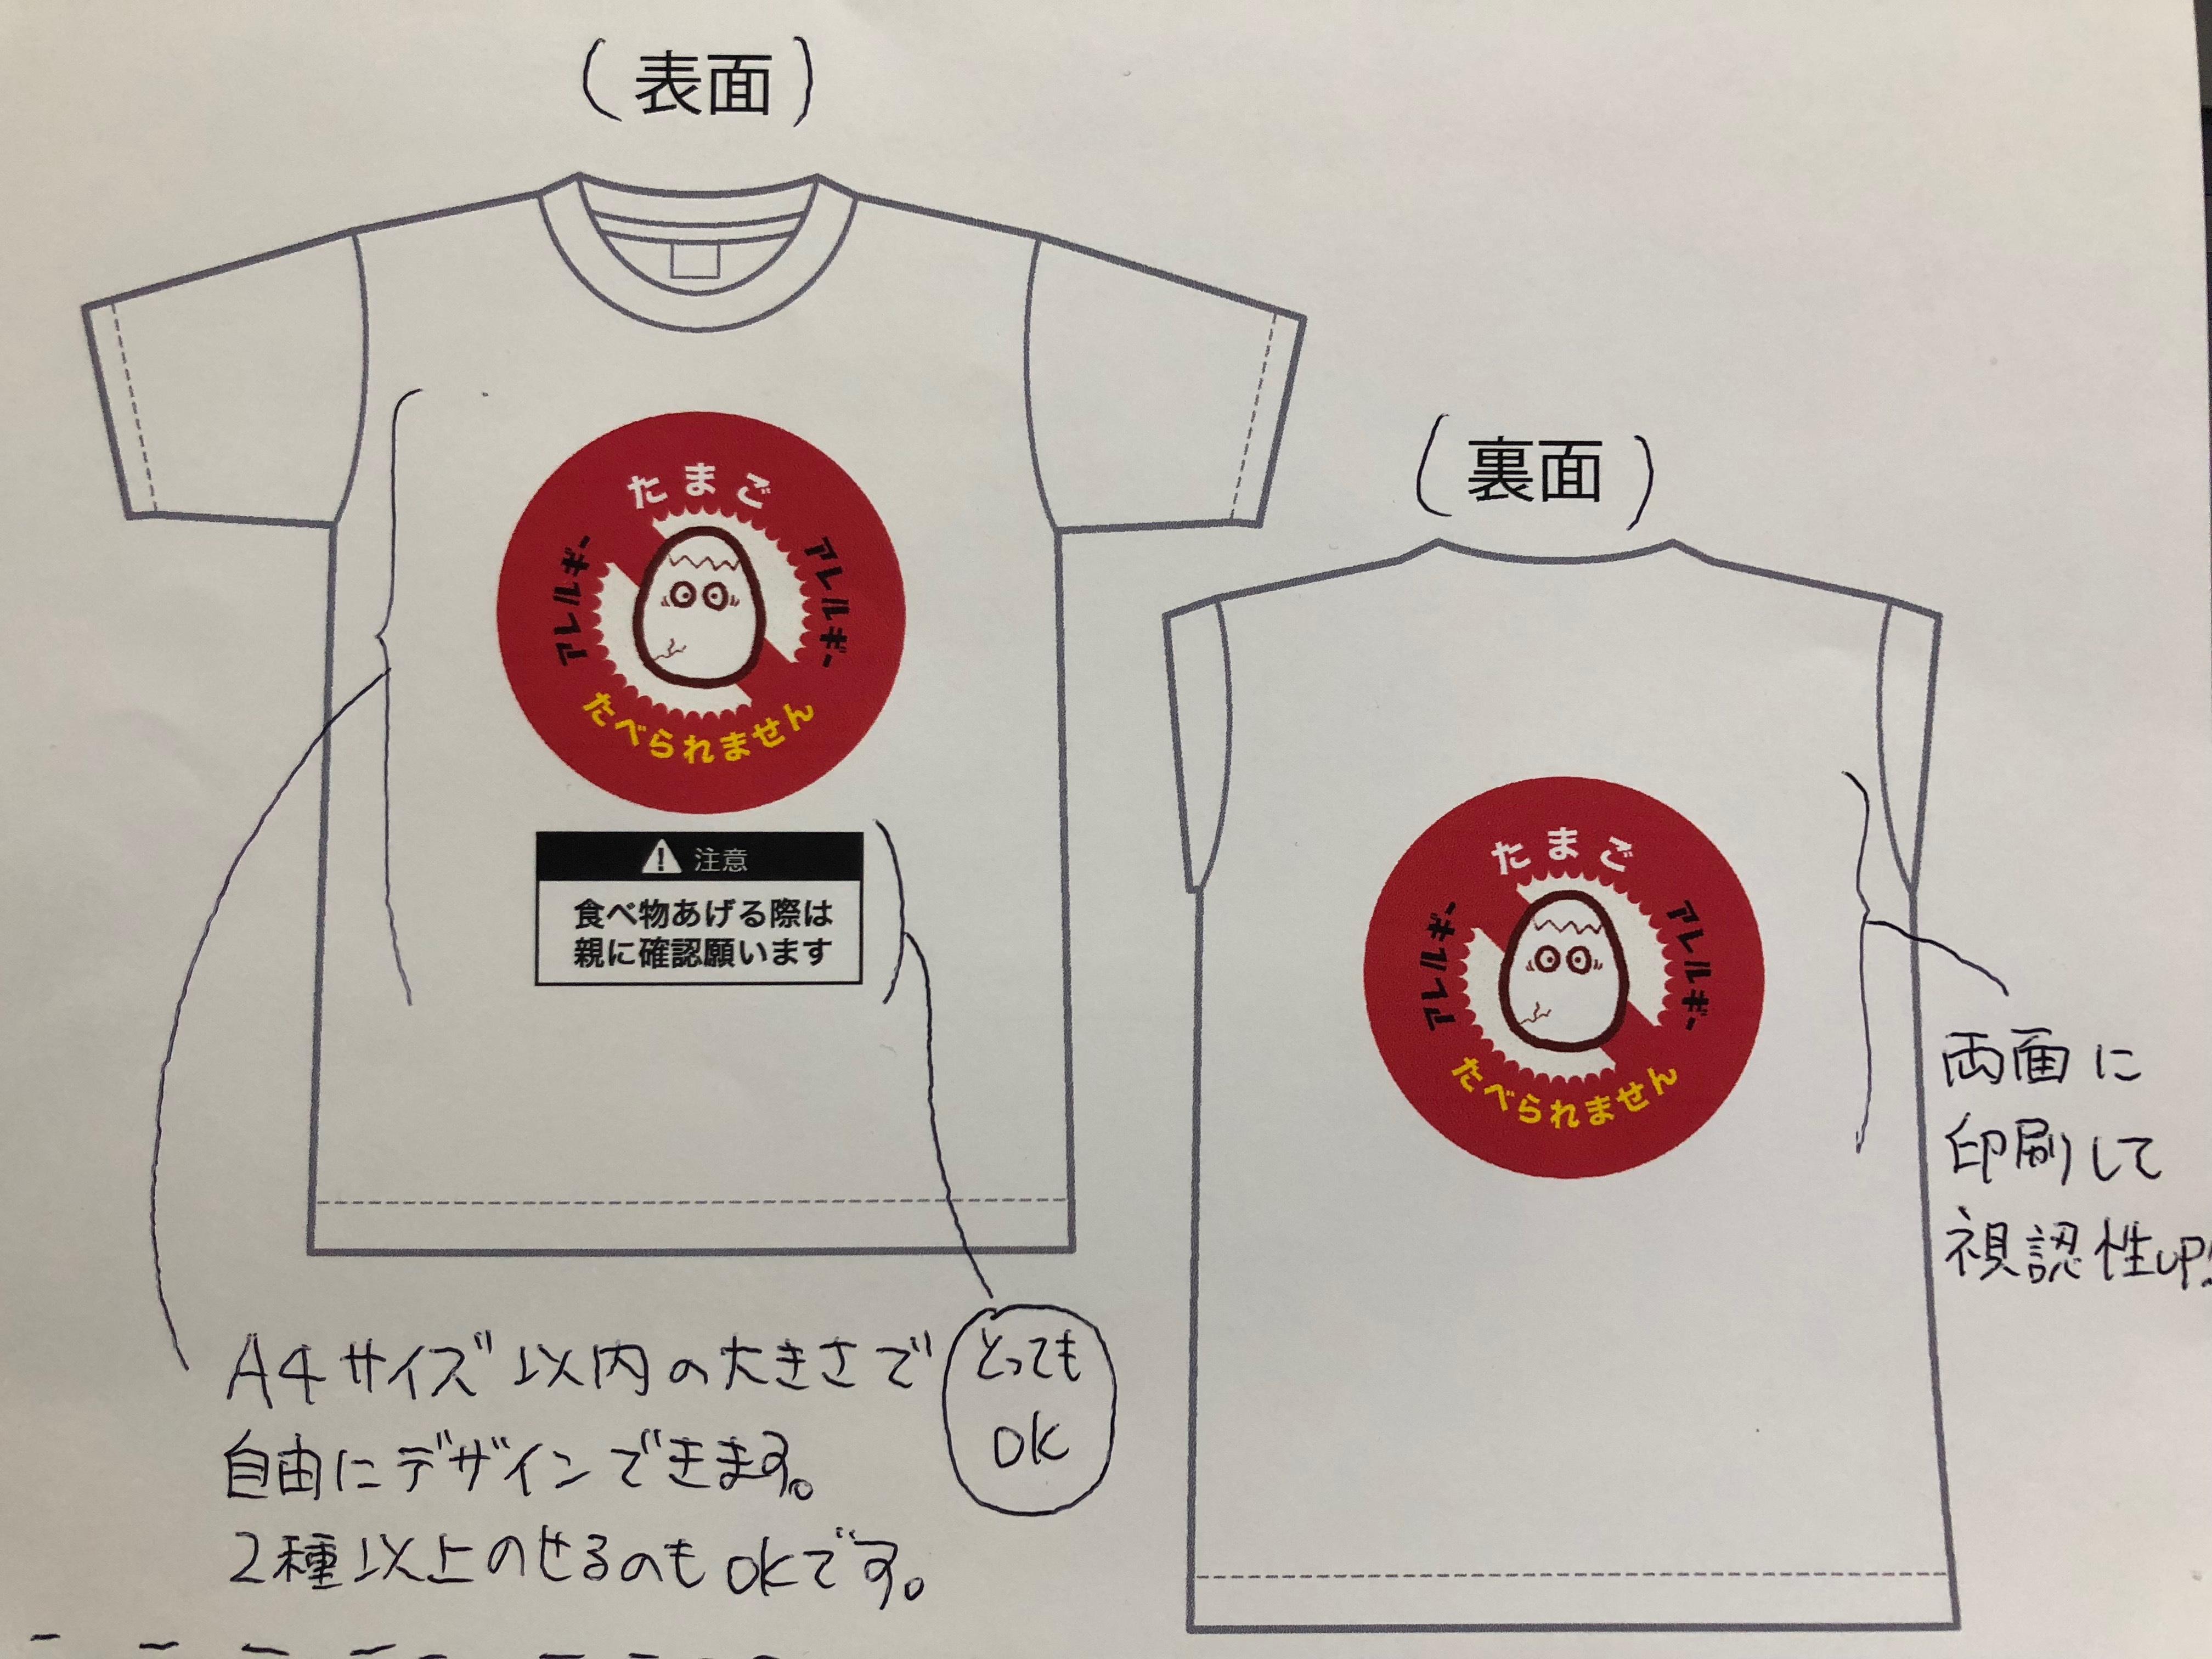 【オーダーメイド】アレルギーなどの表示 両面印刷 Tシャツ